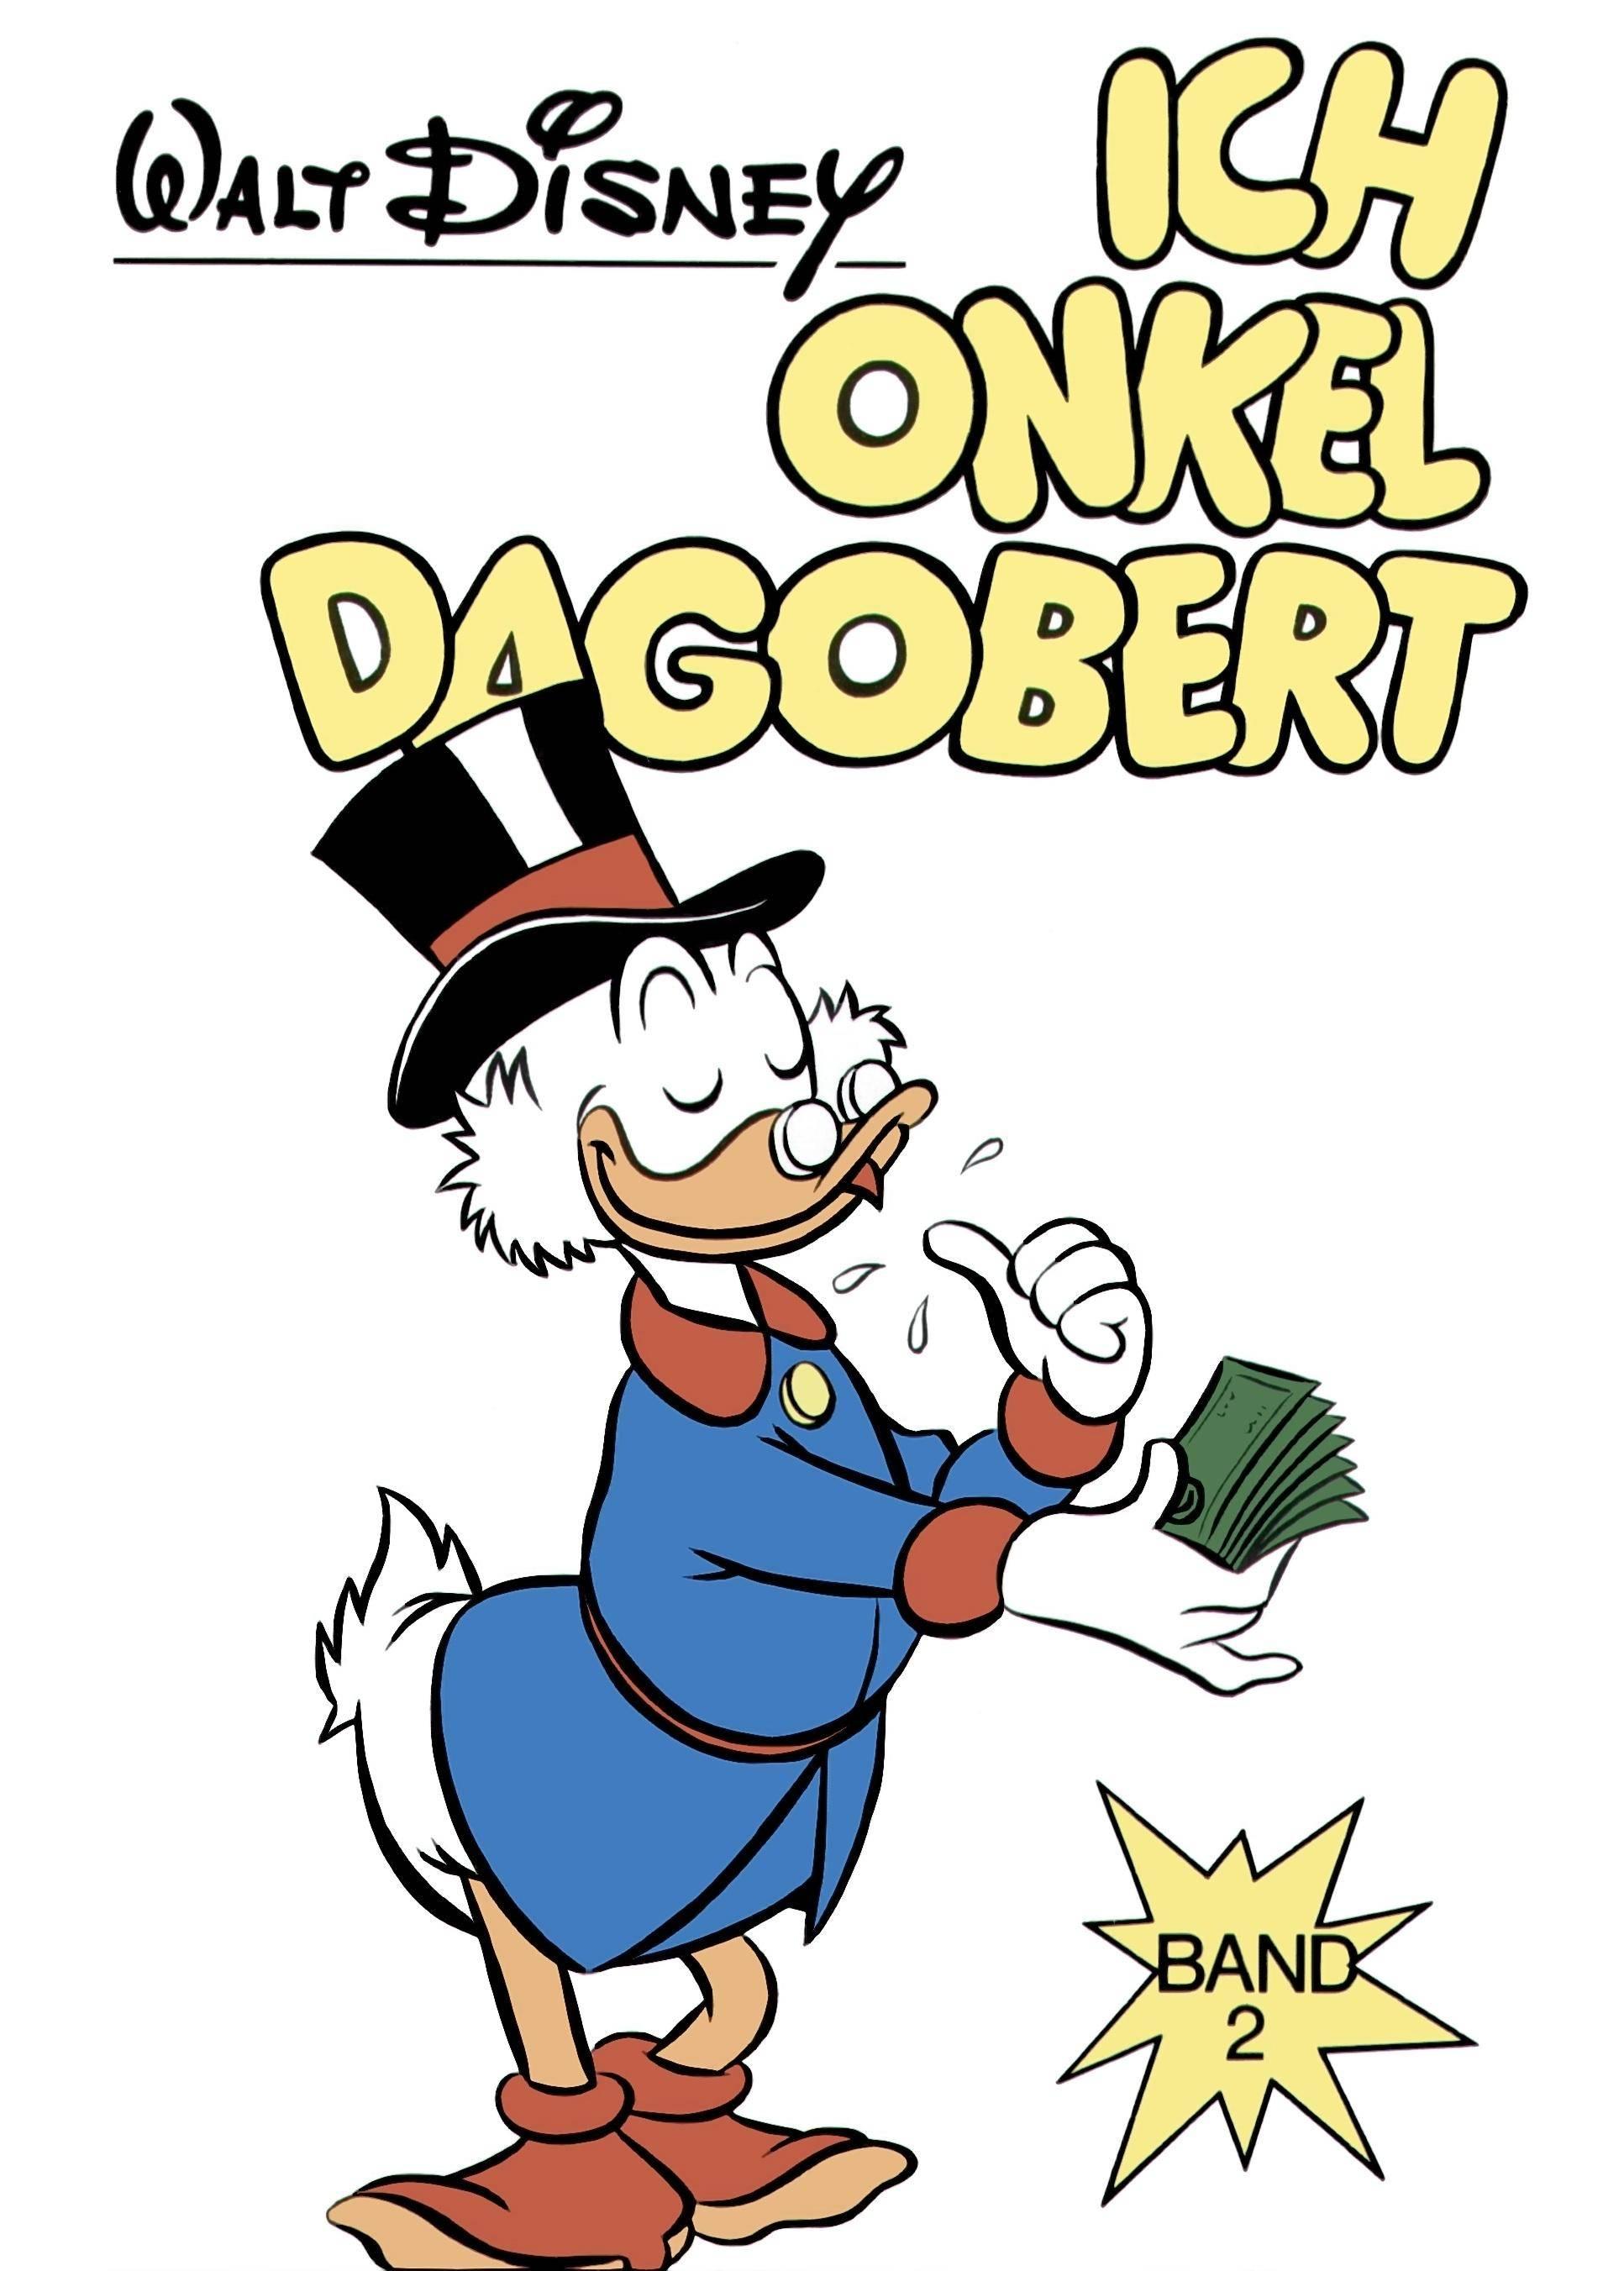 Ich1 Onkel Dagobert--2 cbr